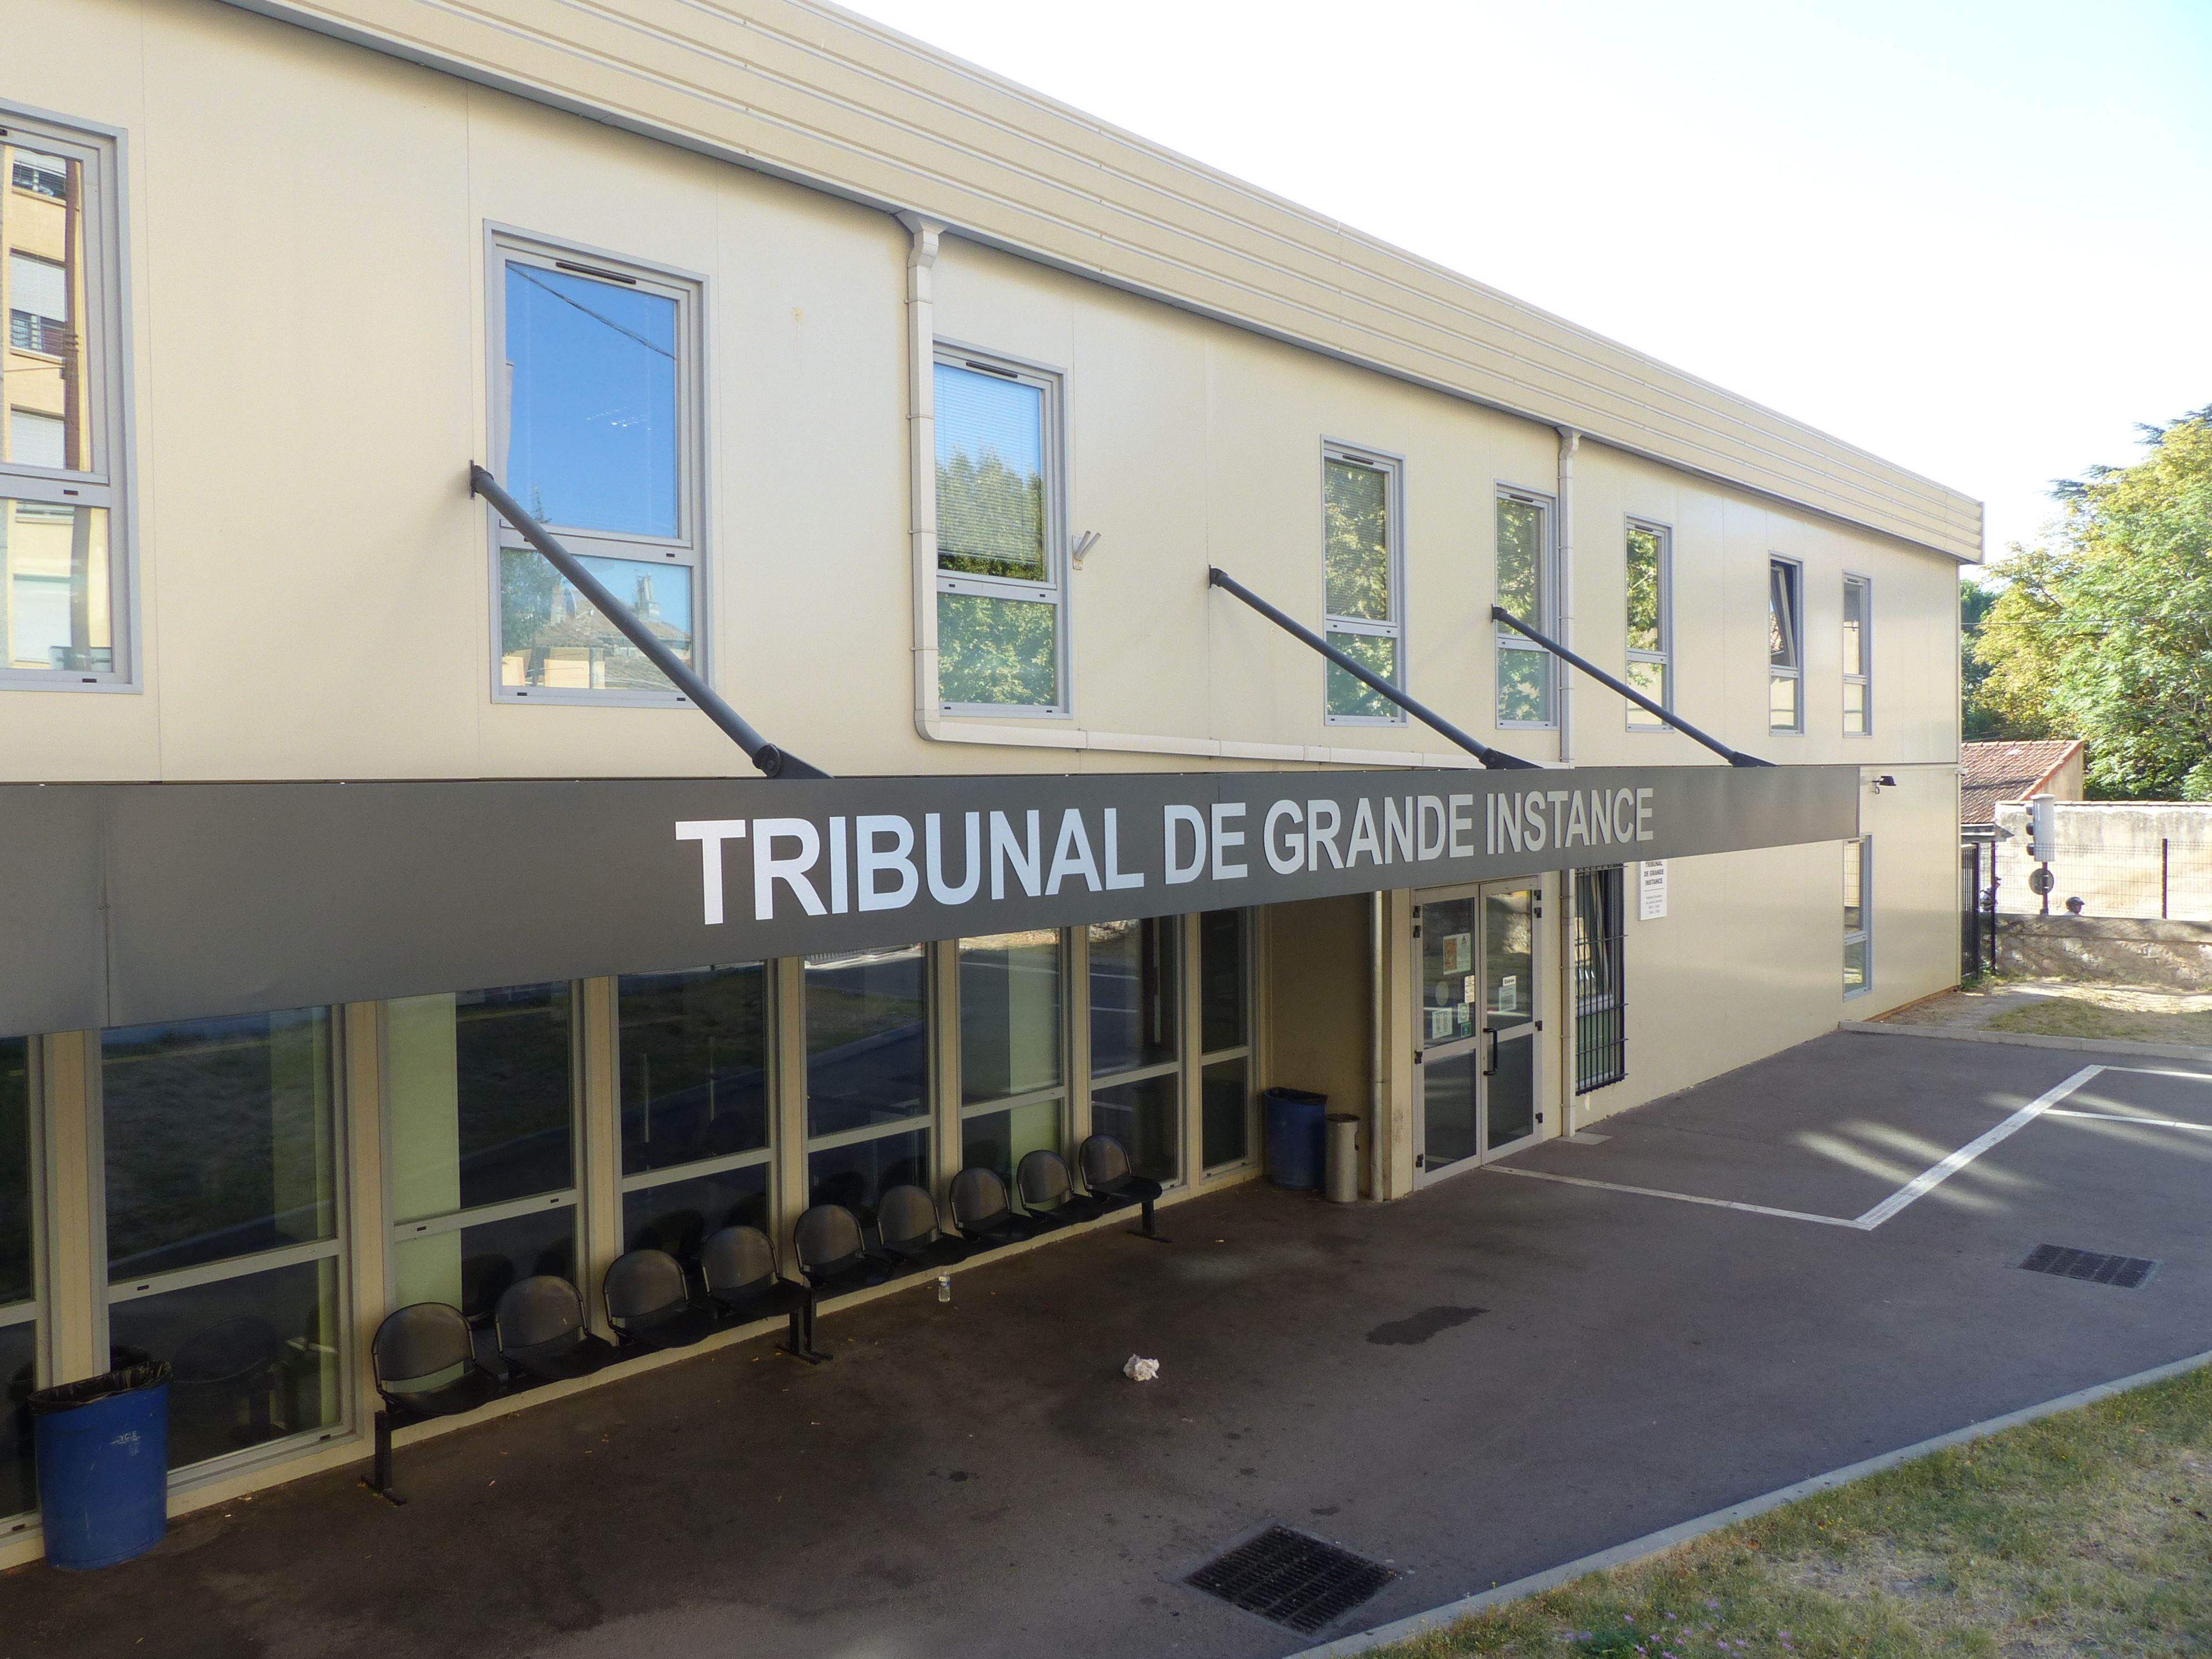 Hugo patrimoine des lieux de justice - Tribunal d instance salon de provence ...